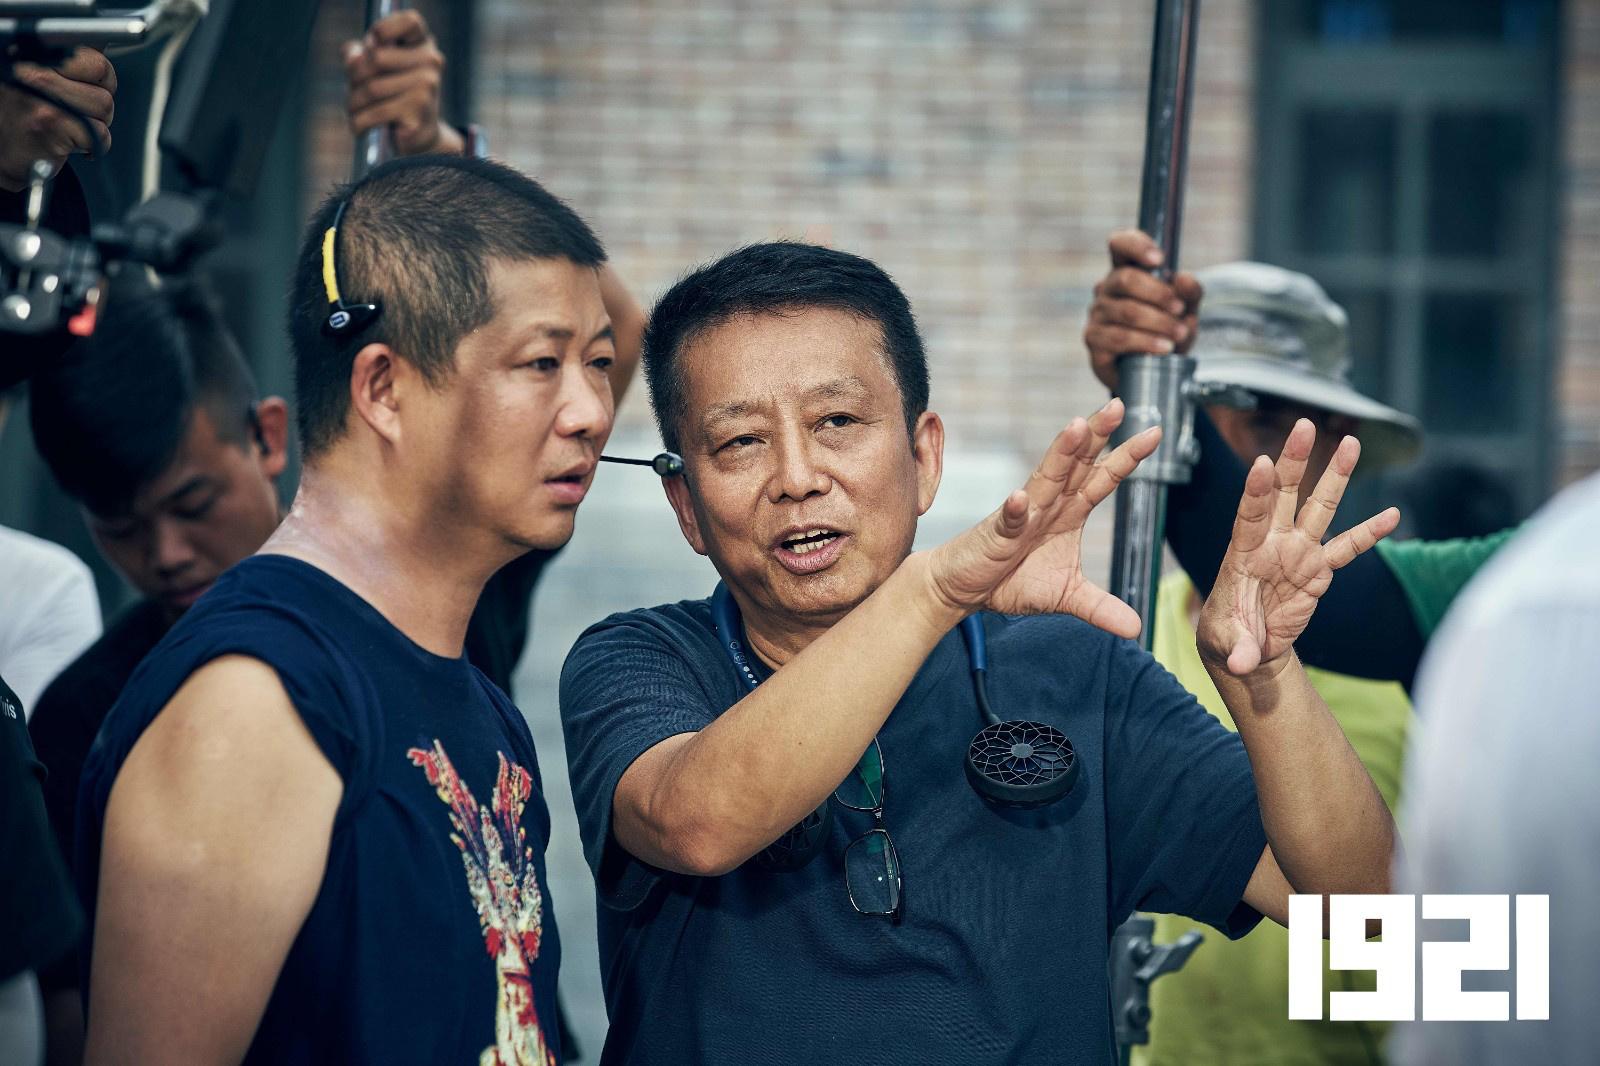 李晨加盟《1921》 现身片场为摄影指导曹郁庆生